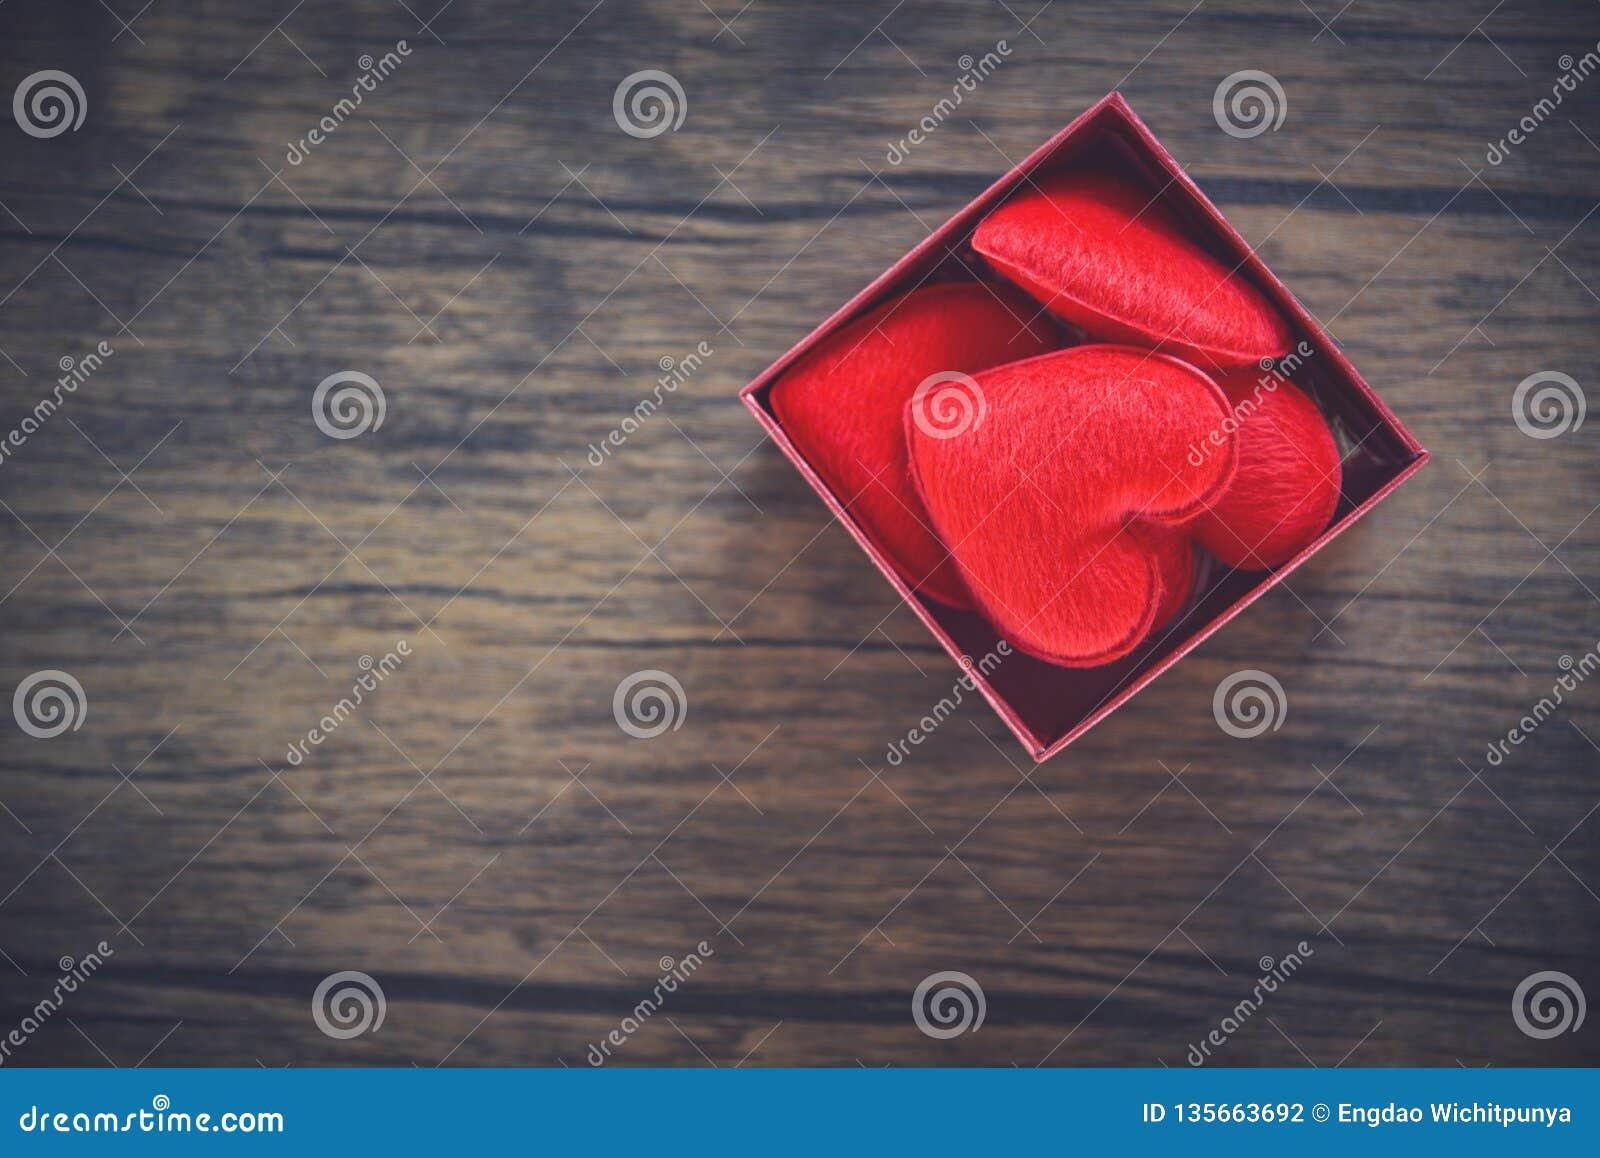 Το ανοικτό κιβώτιο δώρων και η κόκκινη καρδιά στο αιφνιδιαστικό κόκκινο κιβωτίων παρουσιάζουν το κιβώτιο με την πλήρη καρδιά για